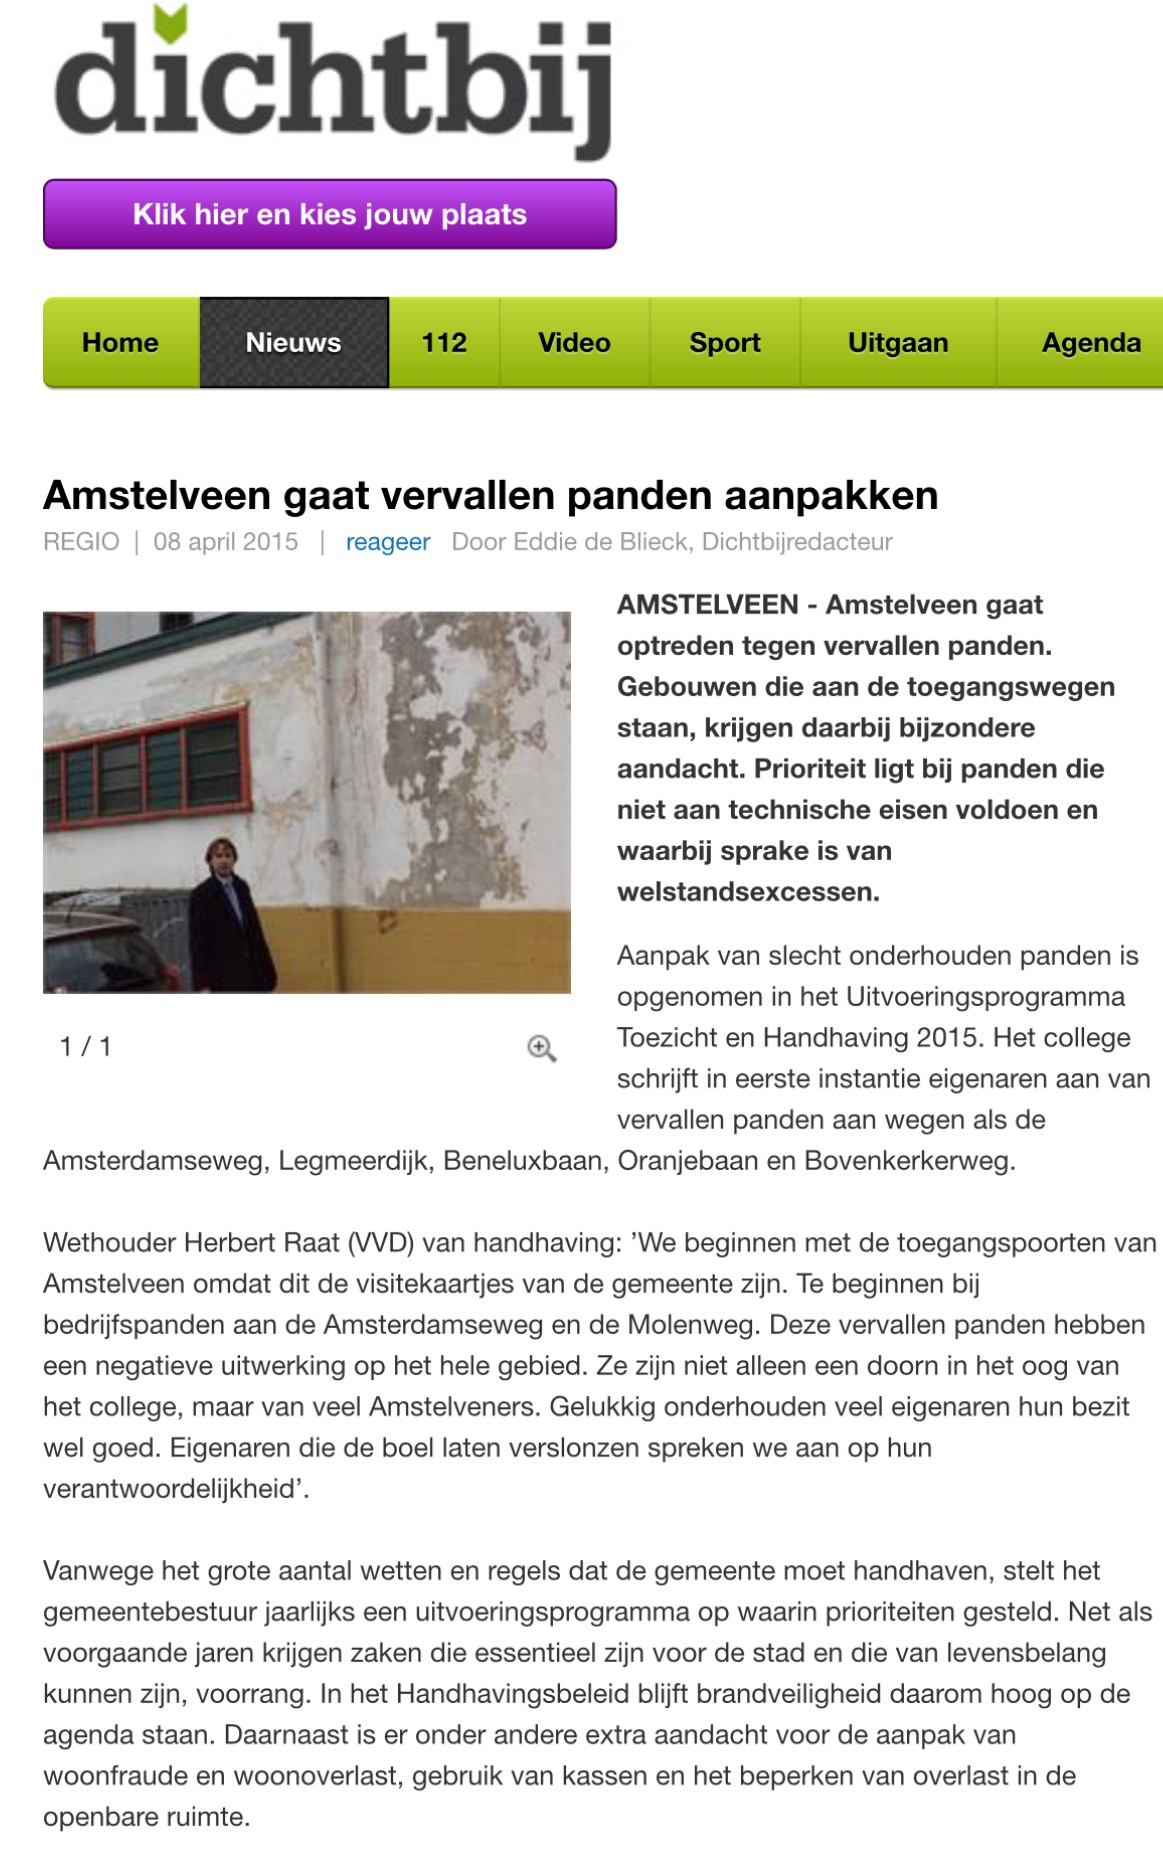 2015- 8 april AmstelveenDichtbij aanpak vervallen panden